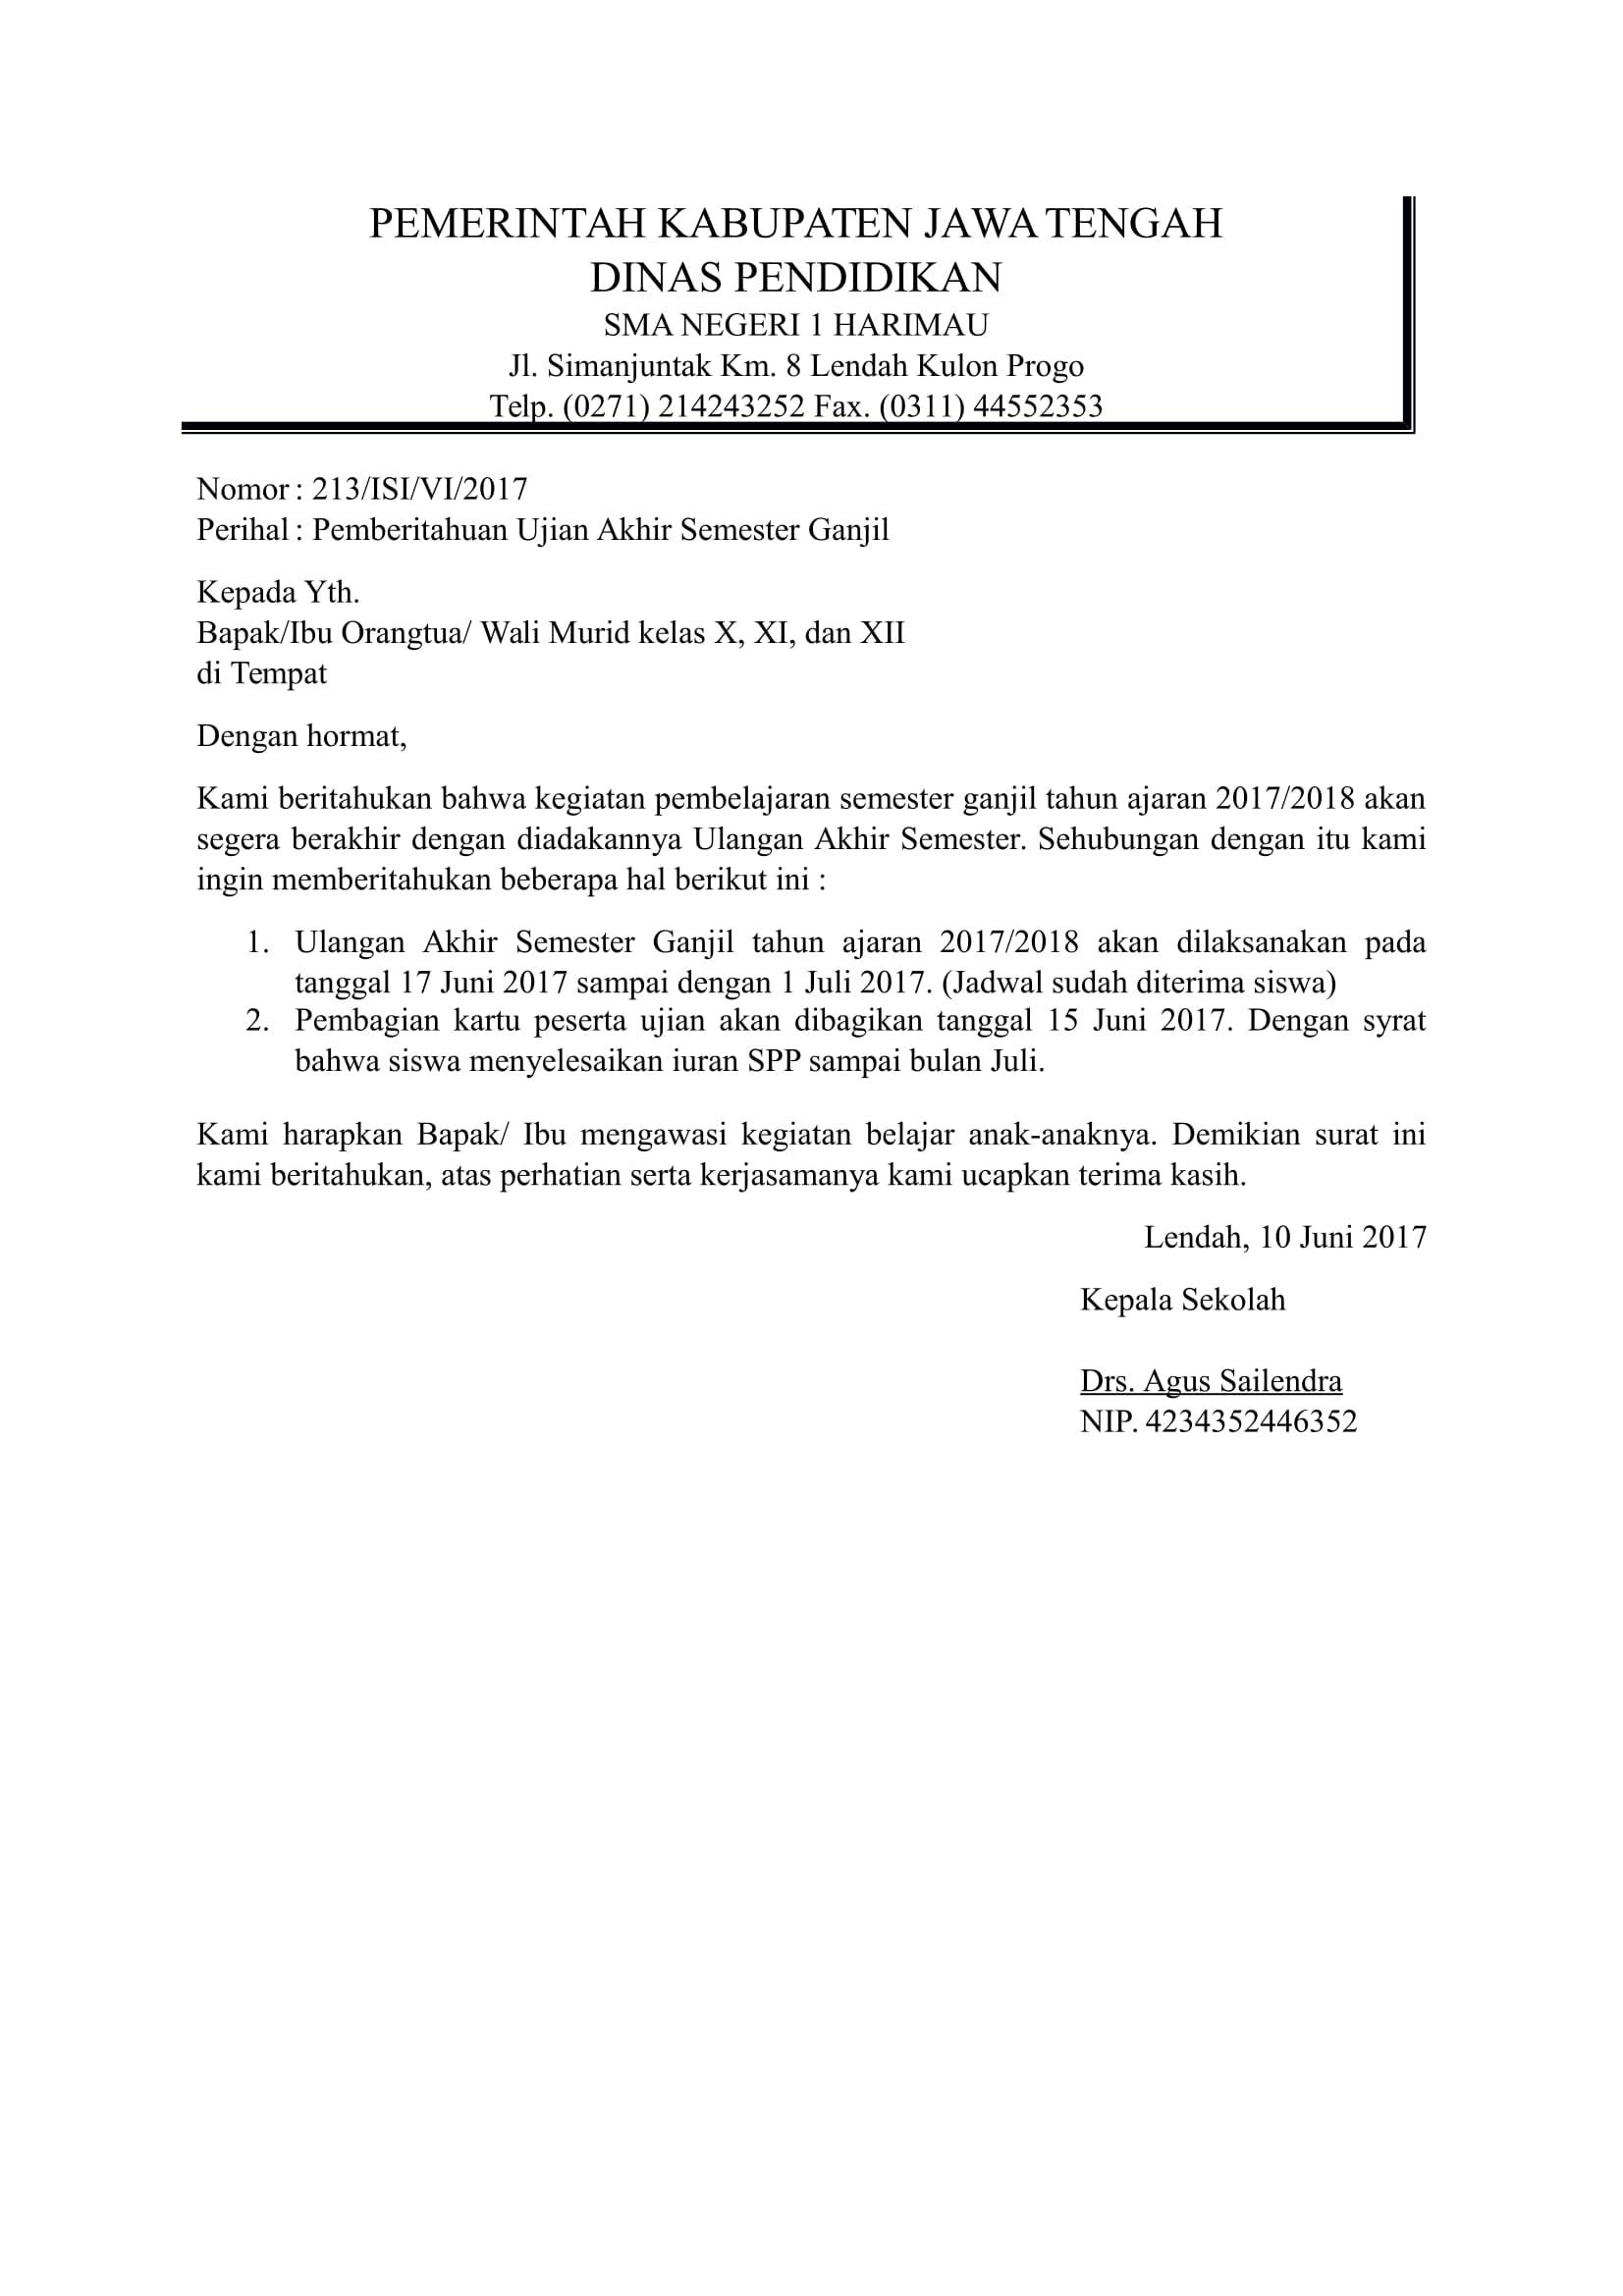 Contoh surat pemberitahuan resmi